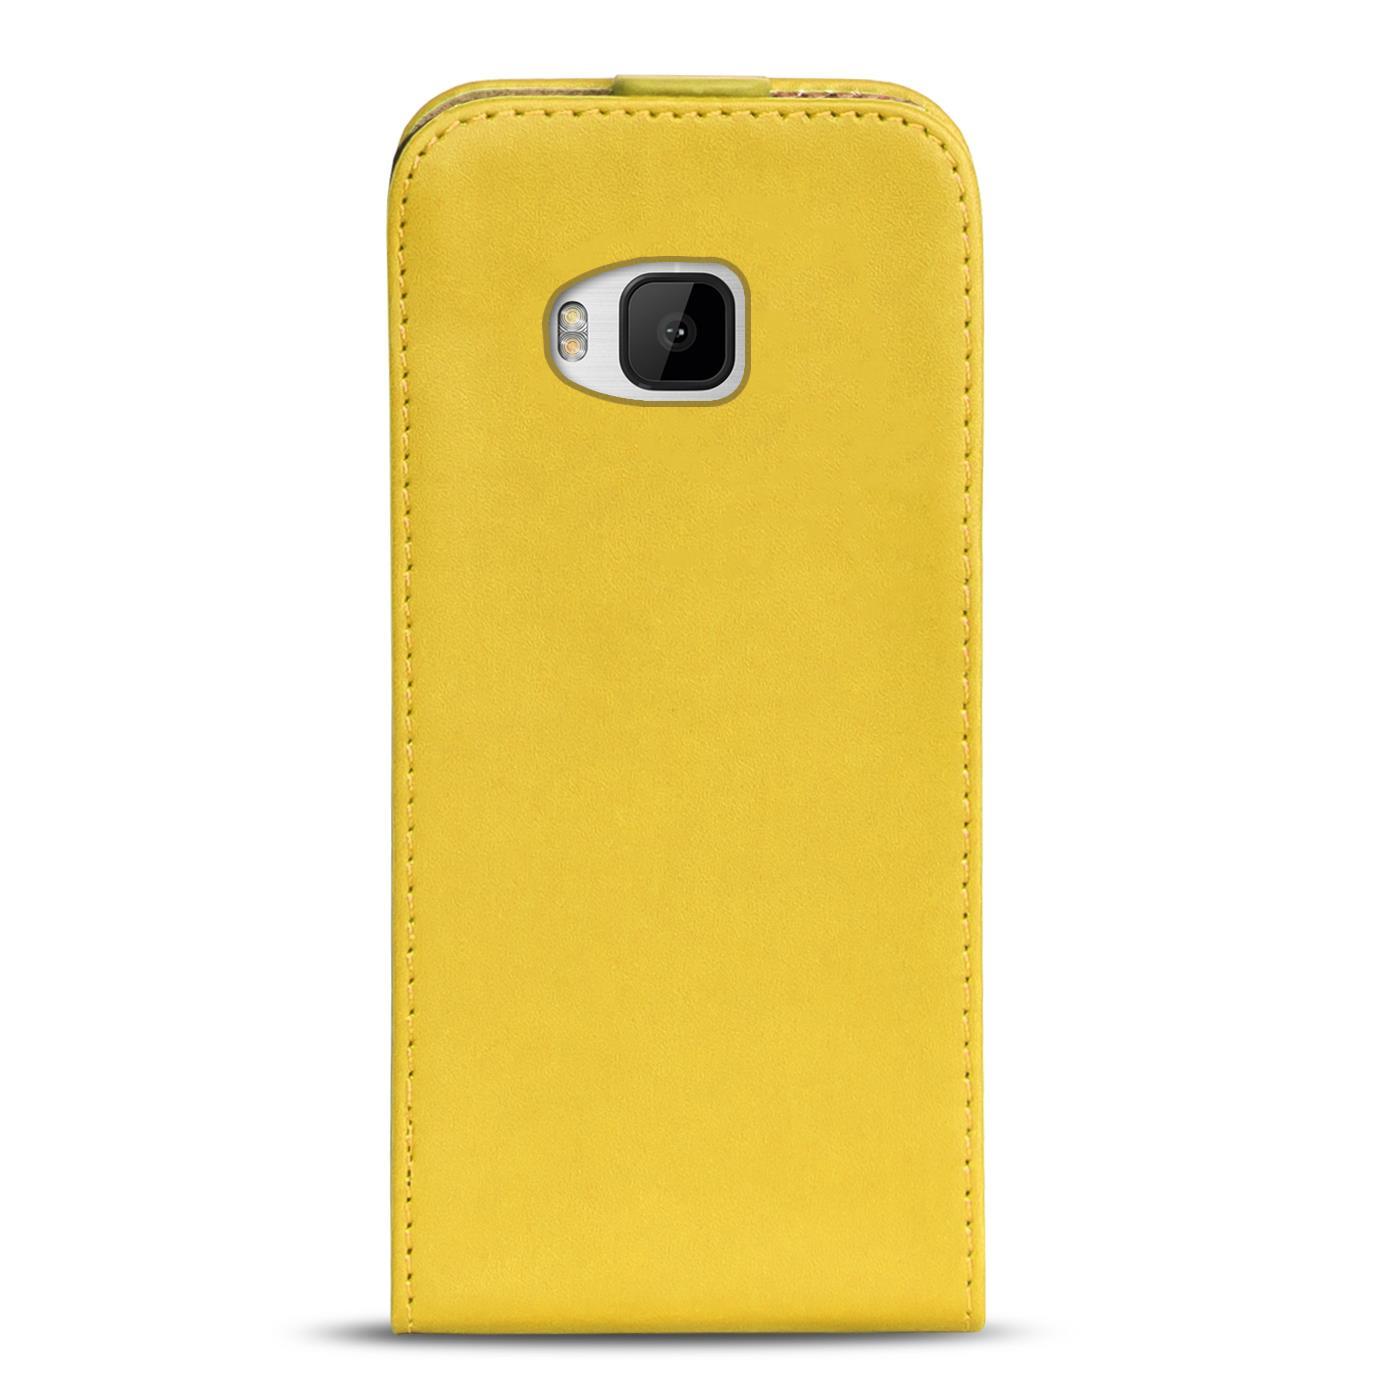 Schutzhülle für HTC Flip Case Handy Schutz Hülle Tasche Cover Klapphülle Etui